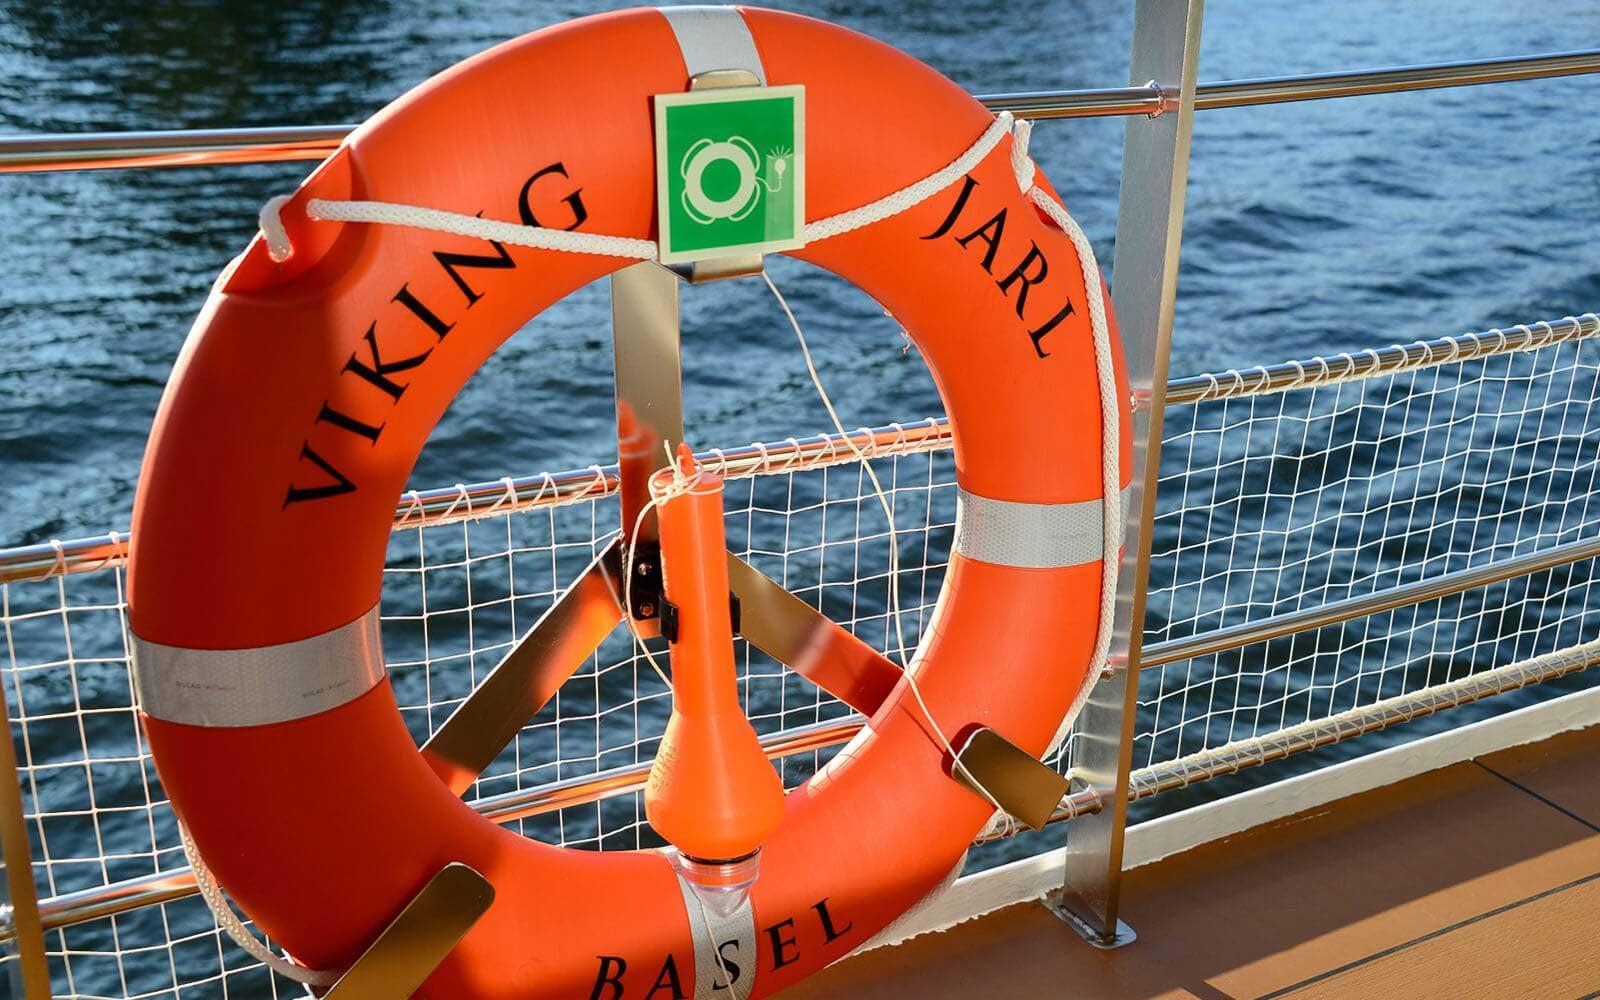 Sicherheitsbeschilderung eines Kreuzfahrtschiffes